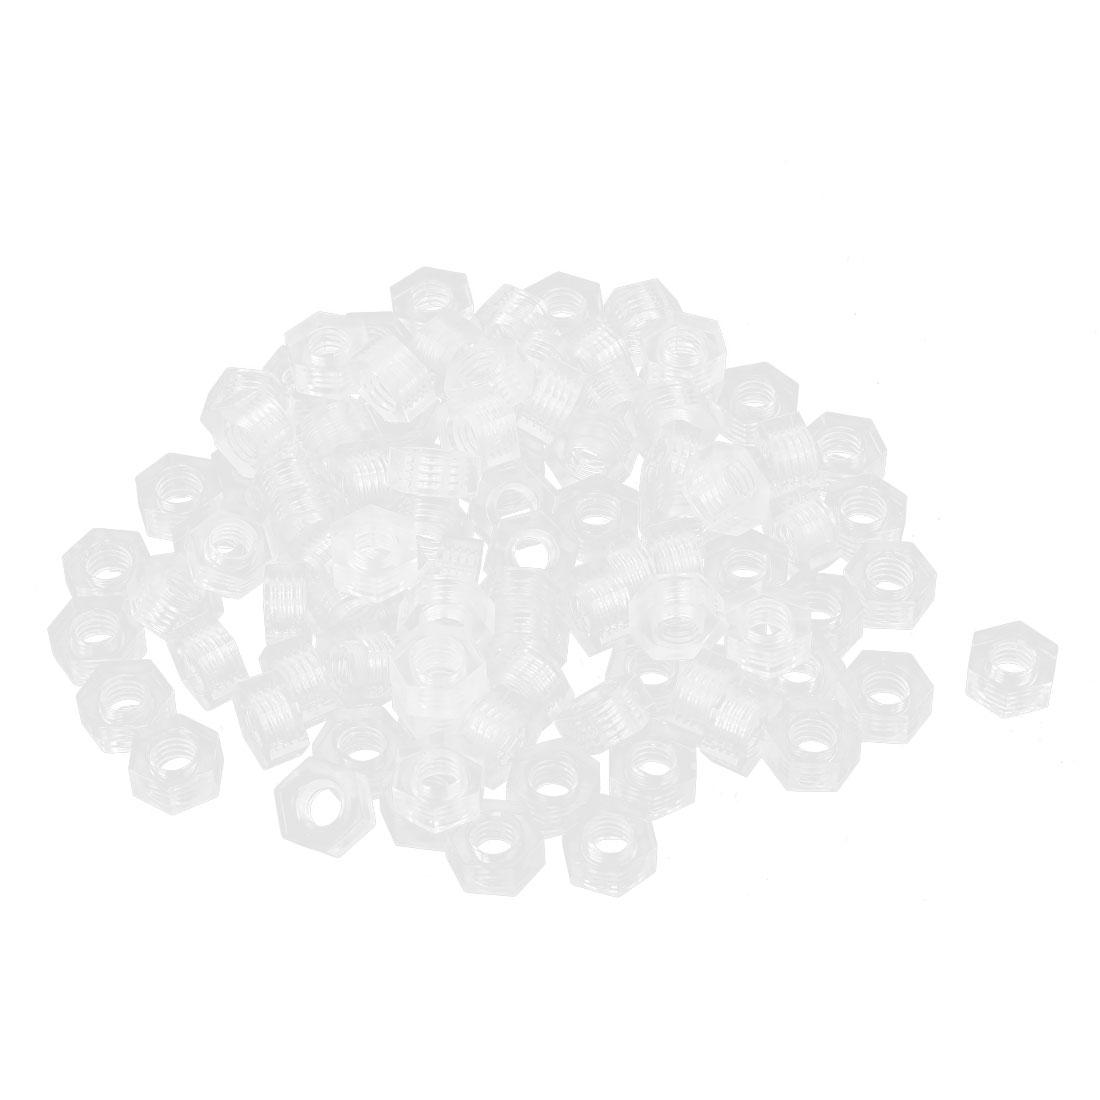 100pcs Metric M4x0.7mm Nylon Hexagon Fastener Hex Full Nuts Clear